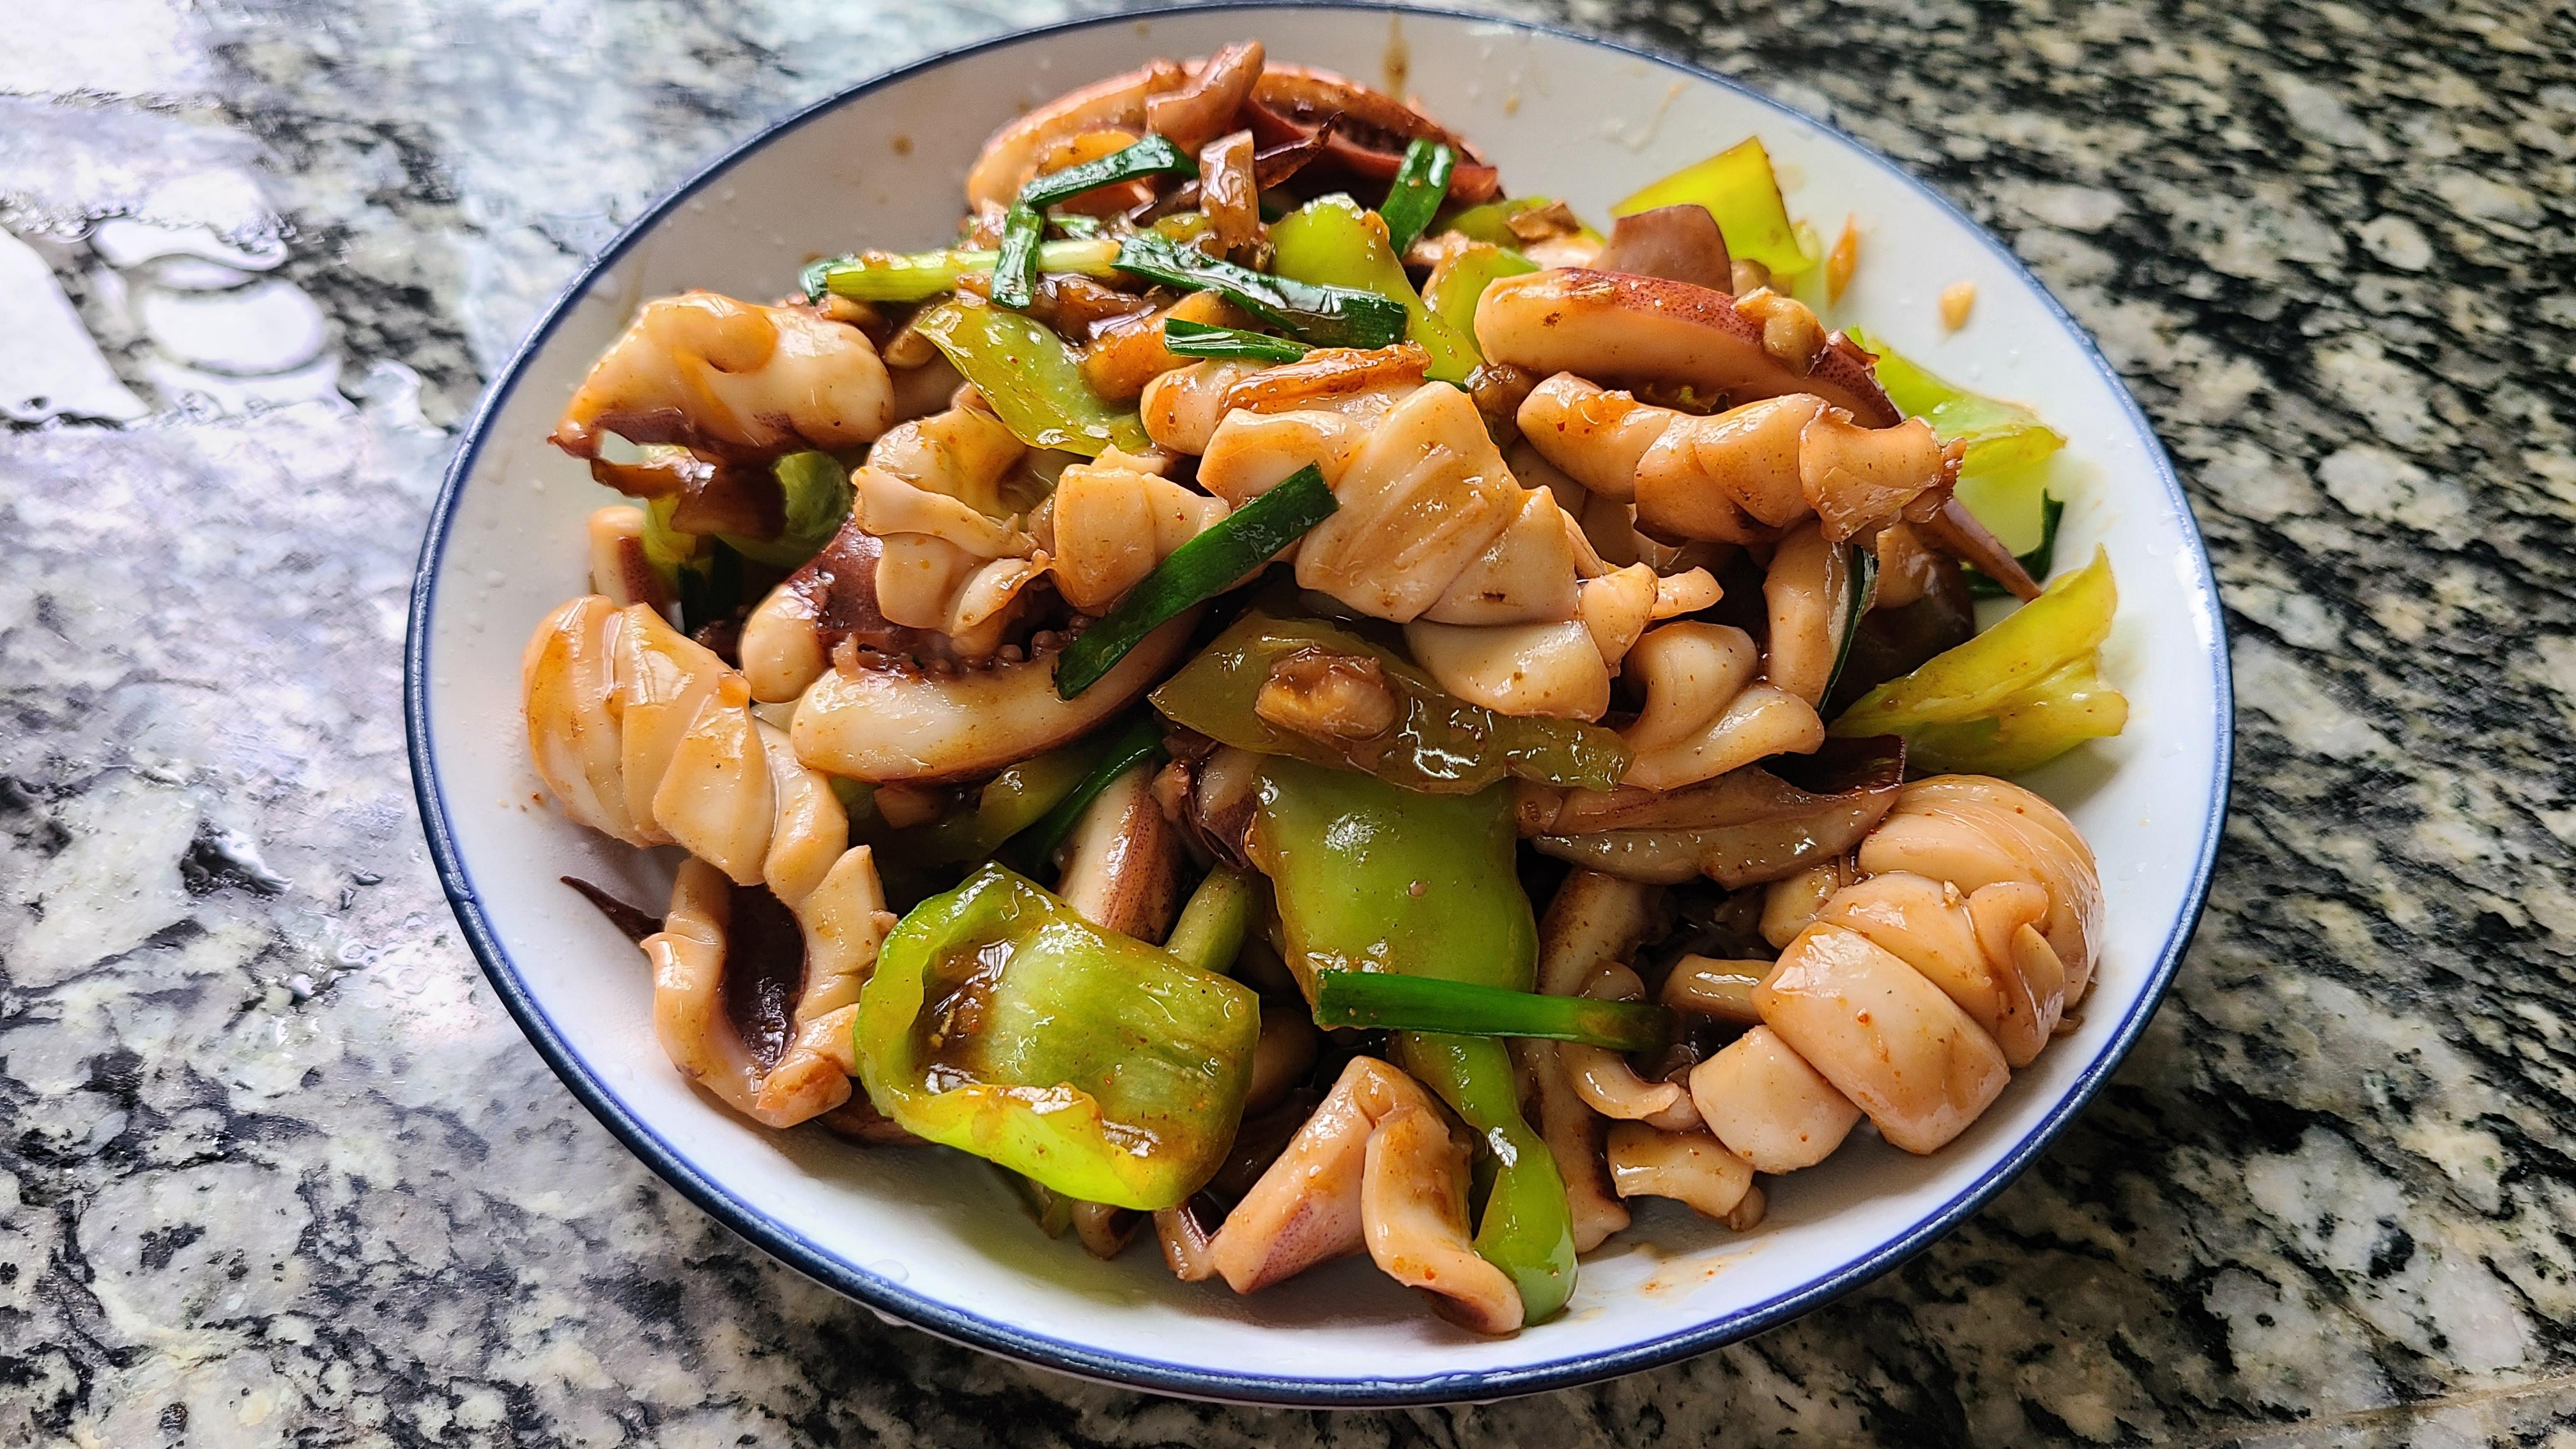 椒盐鱿鱼,是我家经常吃的一道美味家常菜,10分钟就能做好